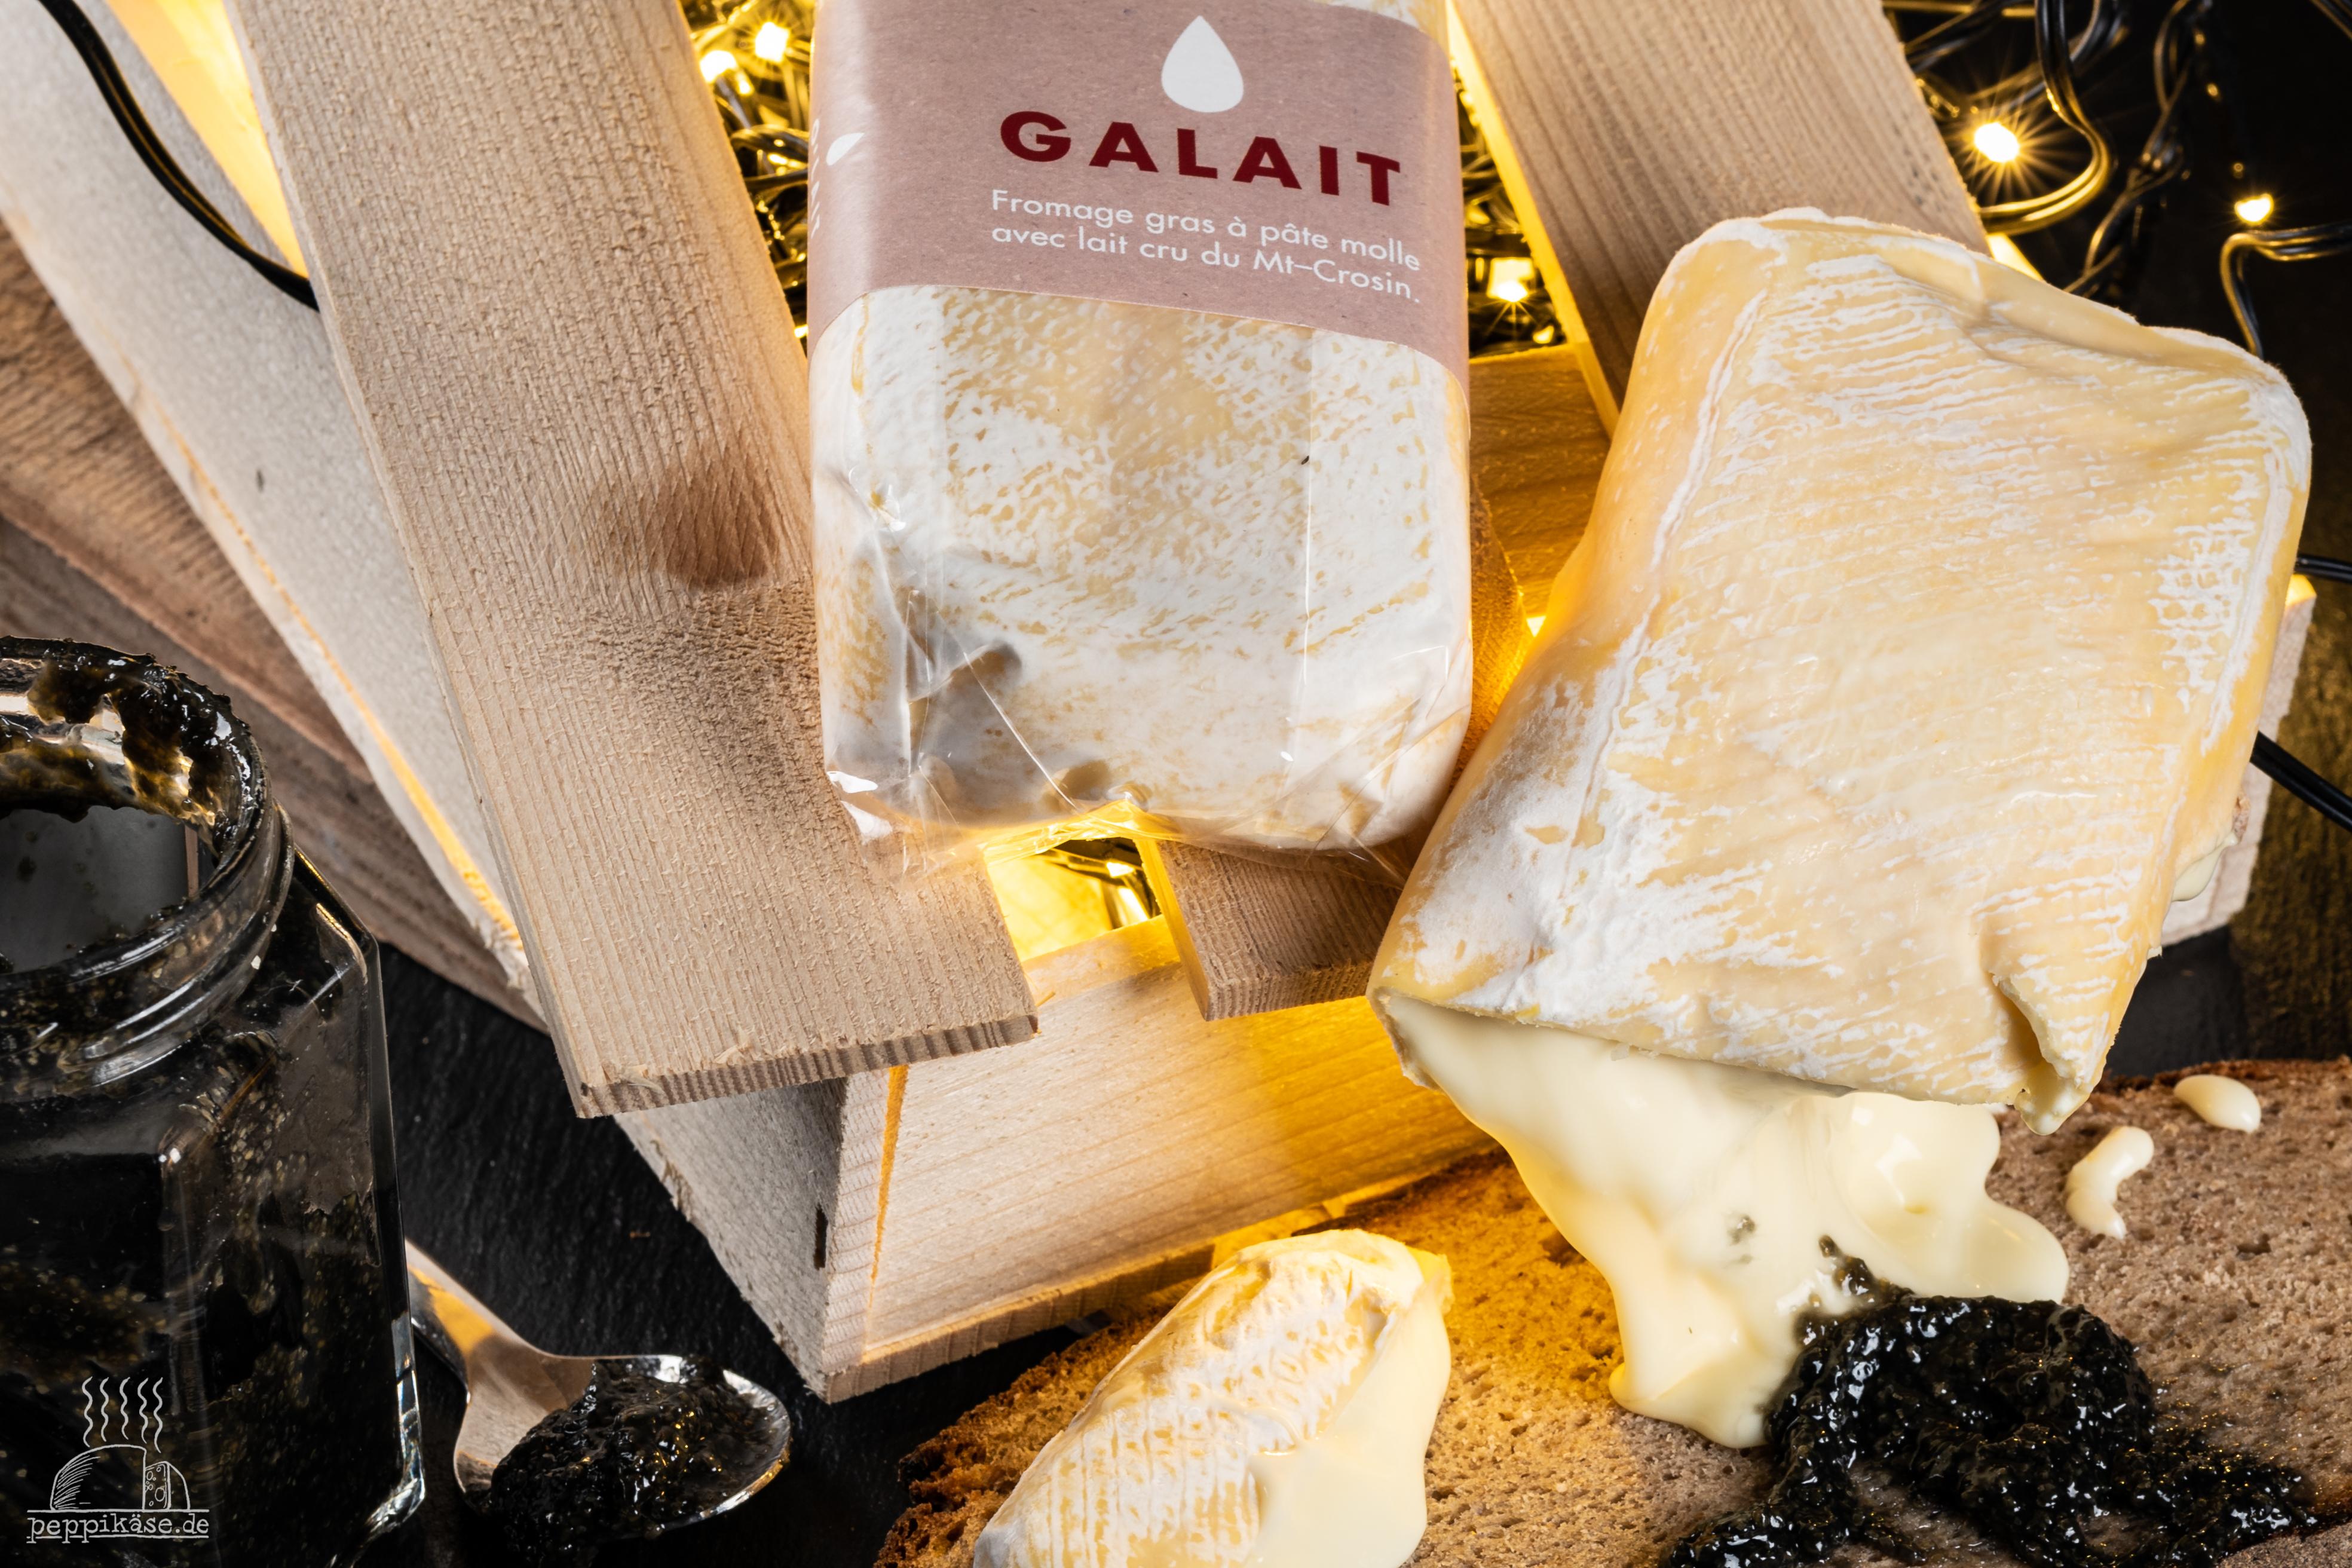 Galait (160g)